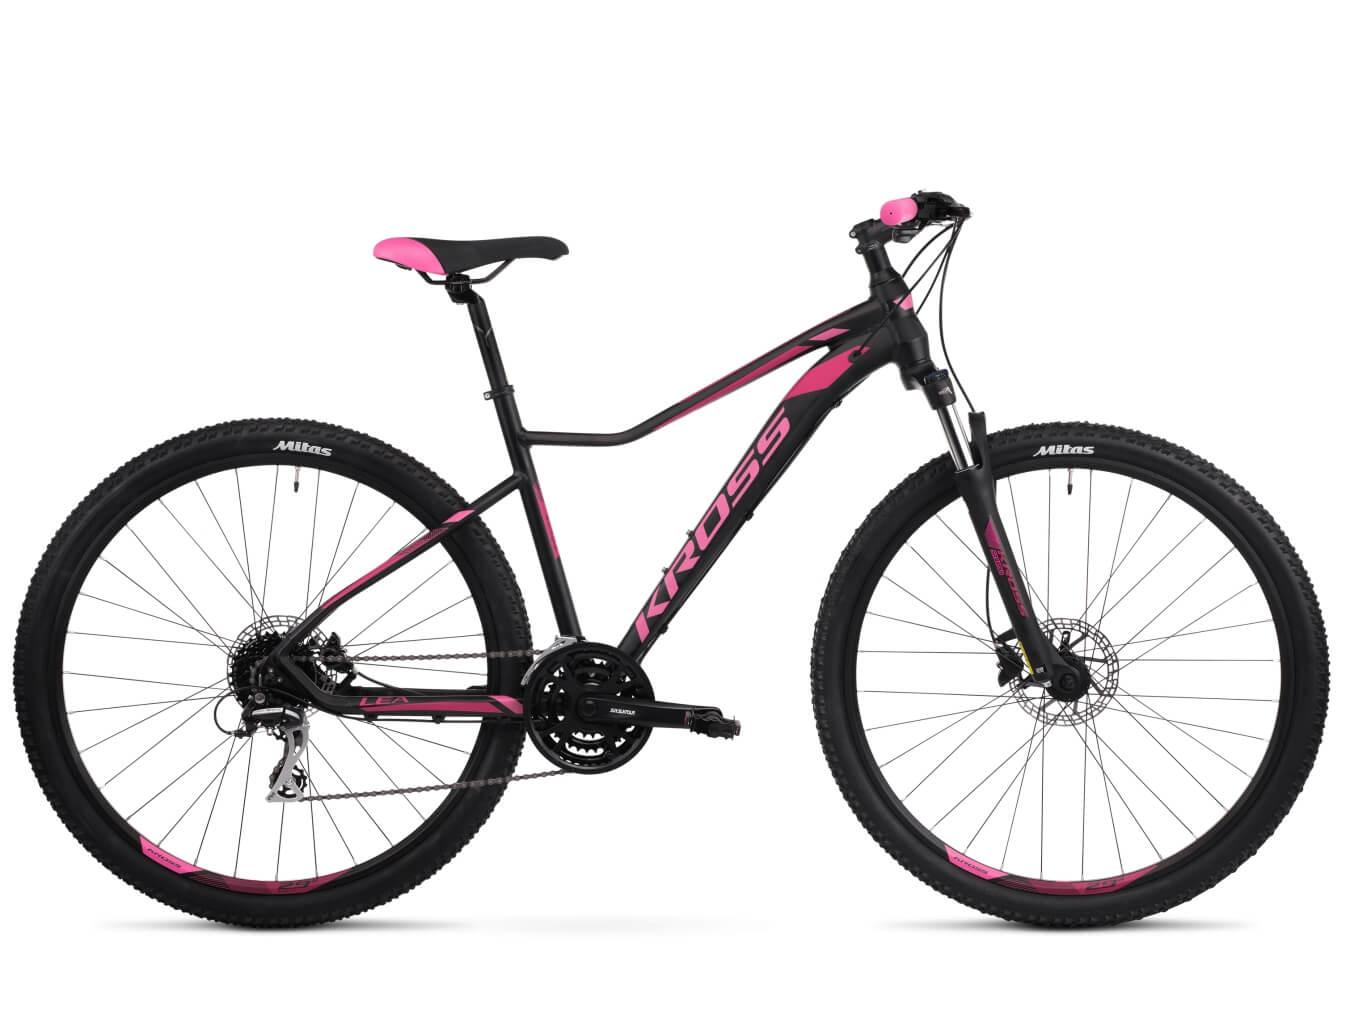 Rower Kross Lea 6.0 czarno-różowa